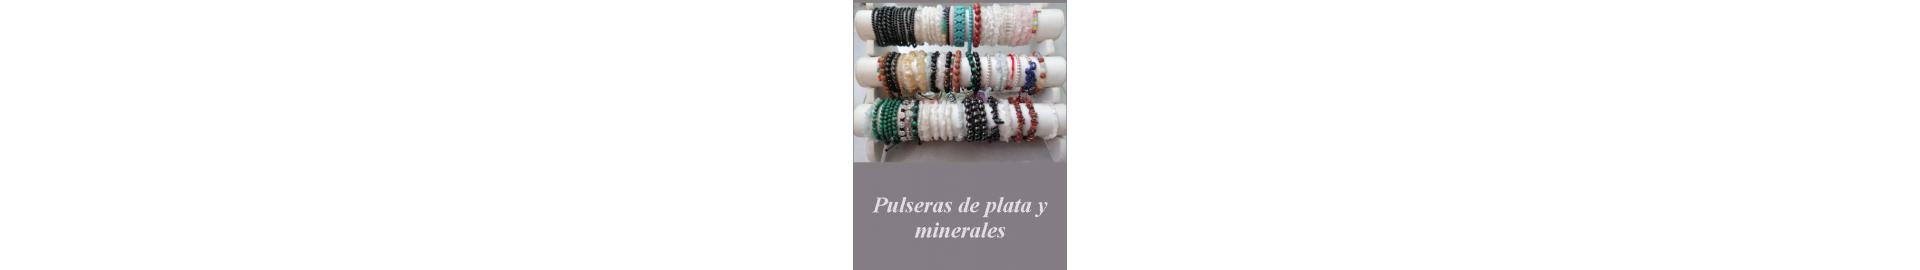 Pulseras de mineral y plata